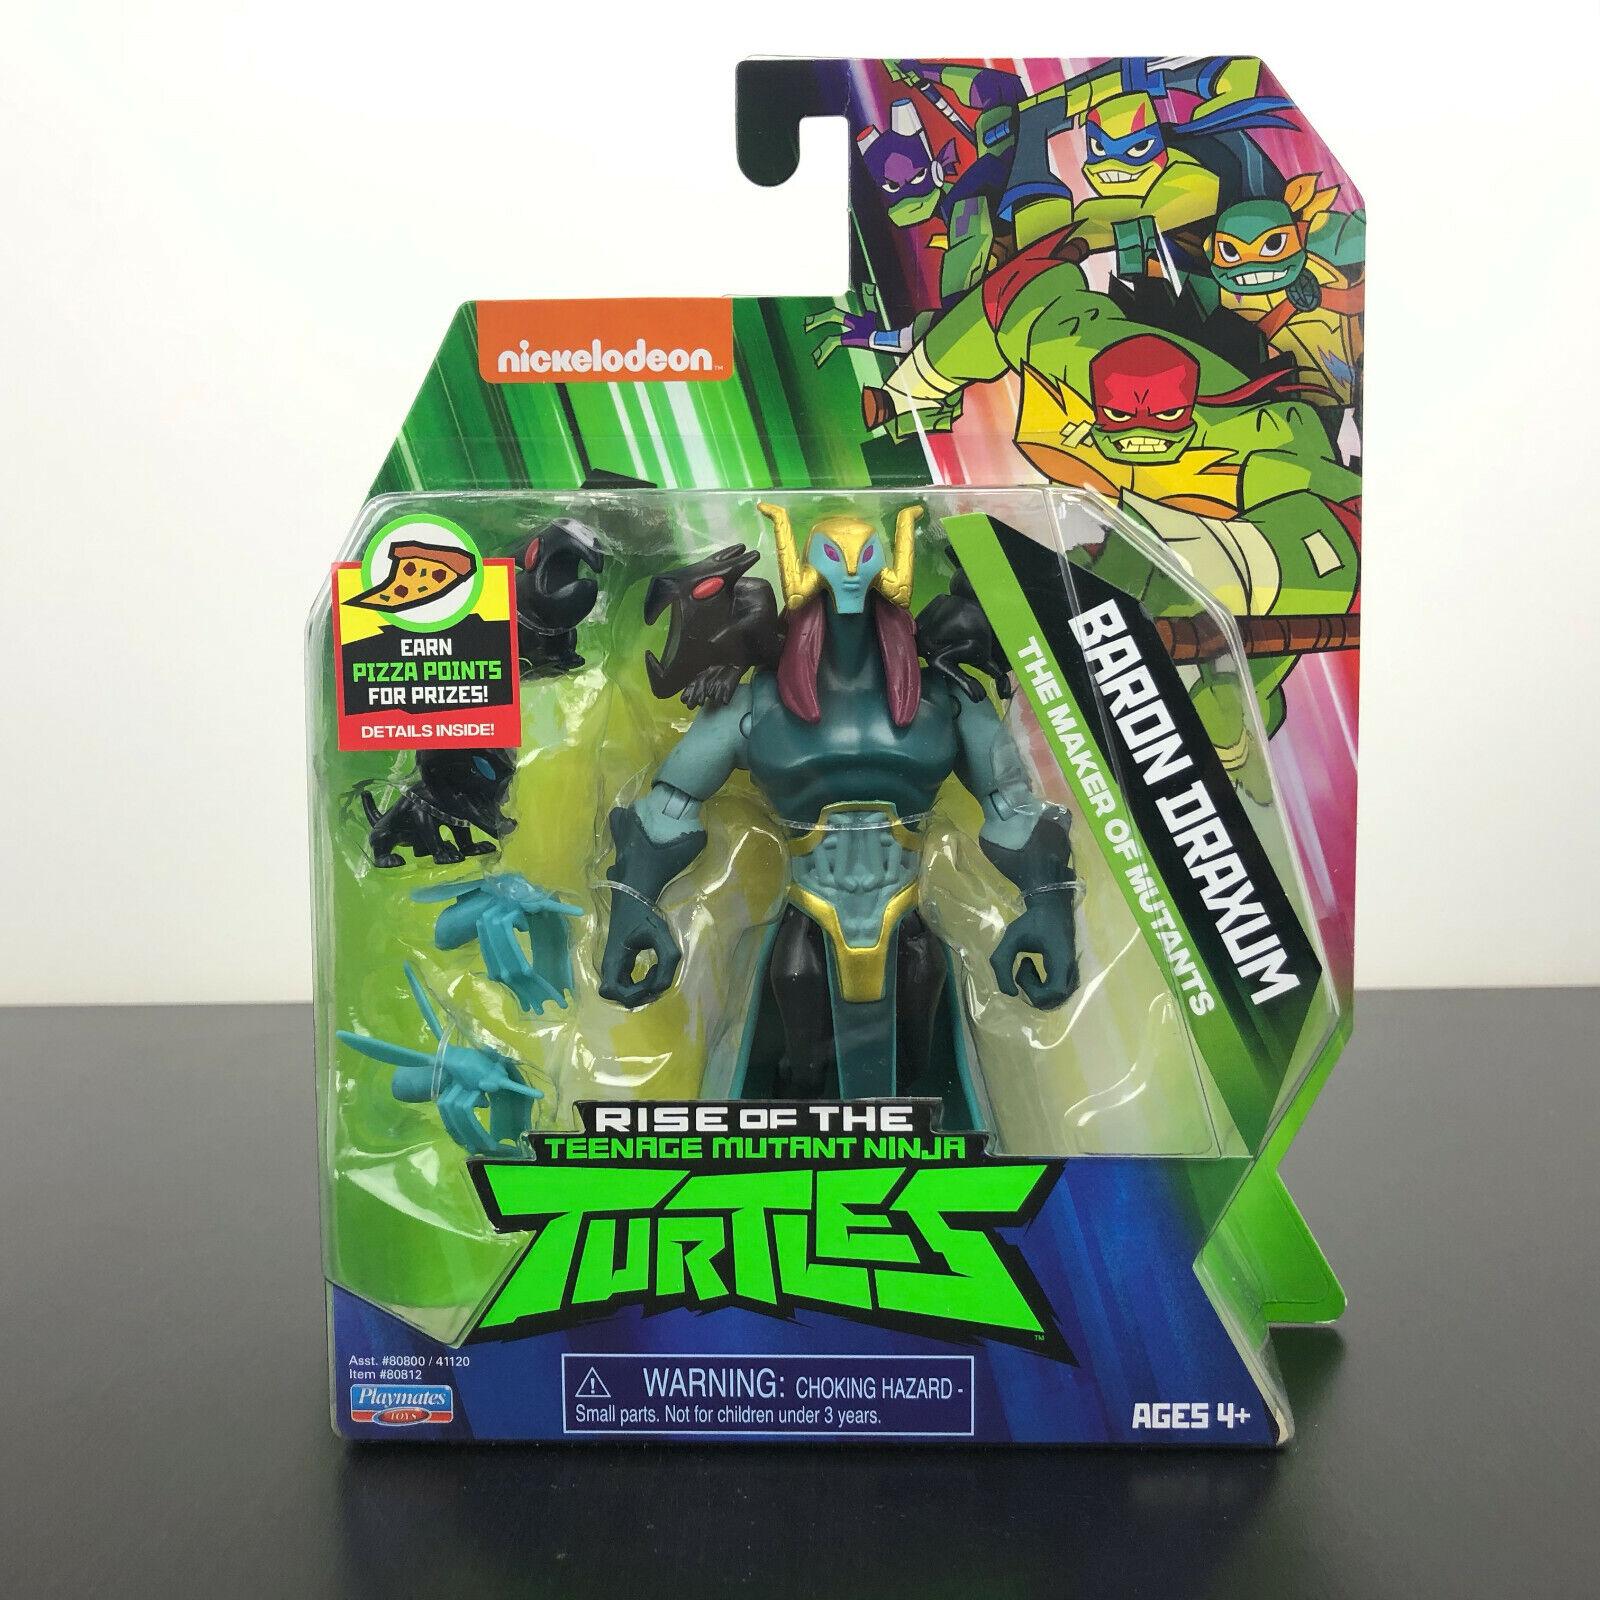 80812 Rise of the Teenage Mutant Ninja Turtles Baron Draxum Action Figure Playmates Inc